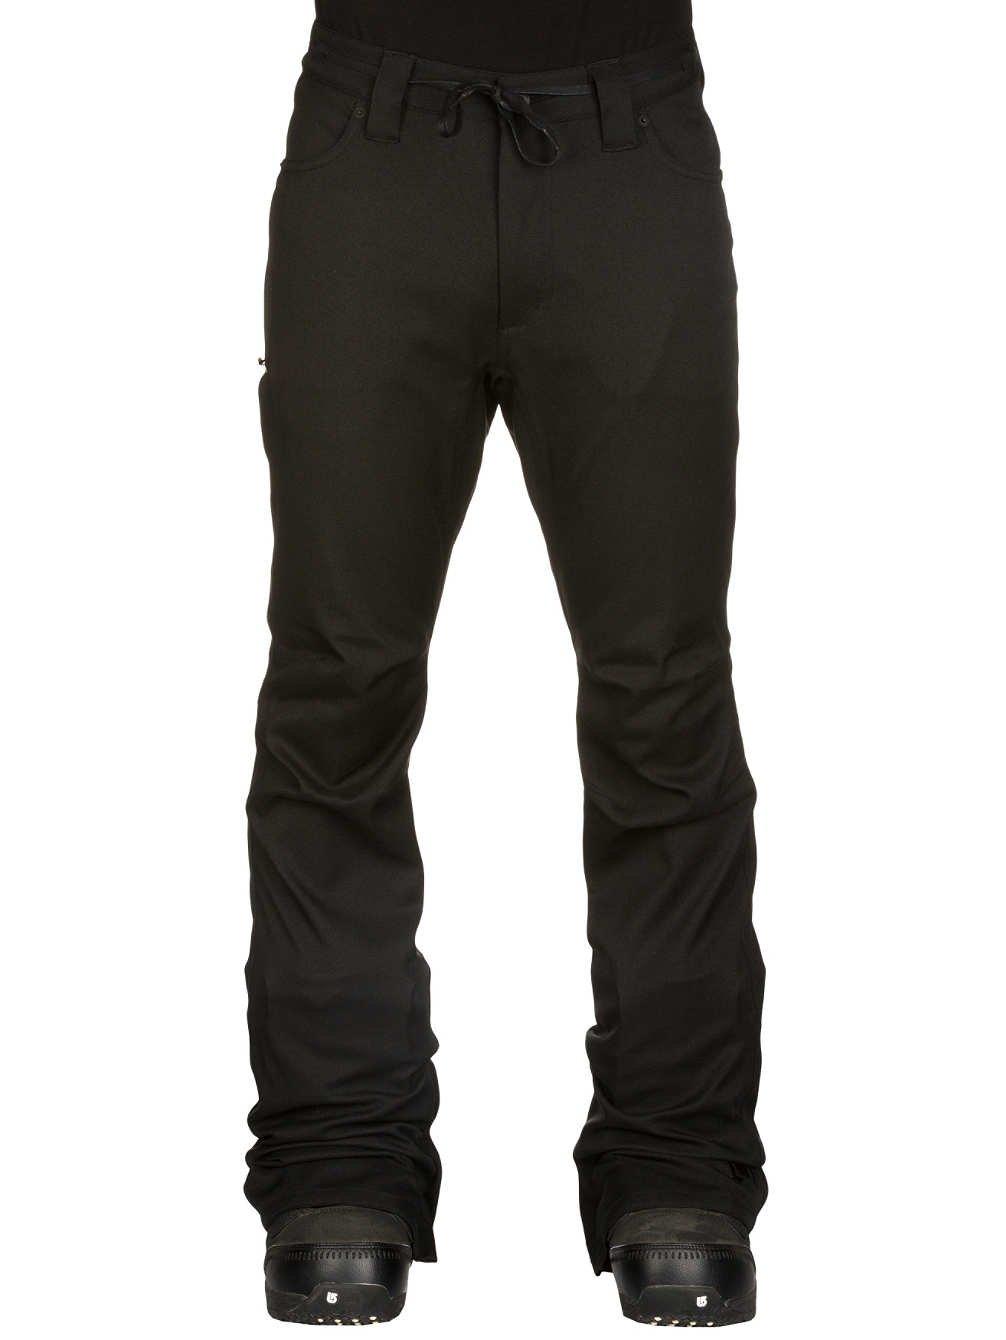 L1 Skinny Twill/Denim Pant - Men's Black Twill, S: Amazon.ca: Sports &  Outdoors